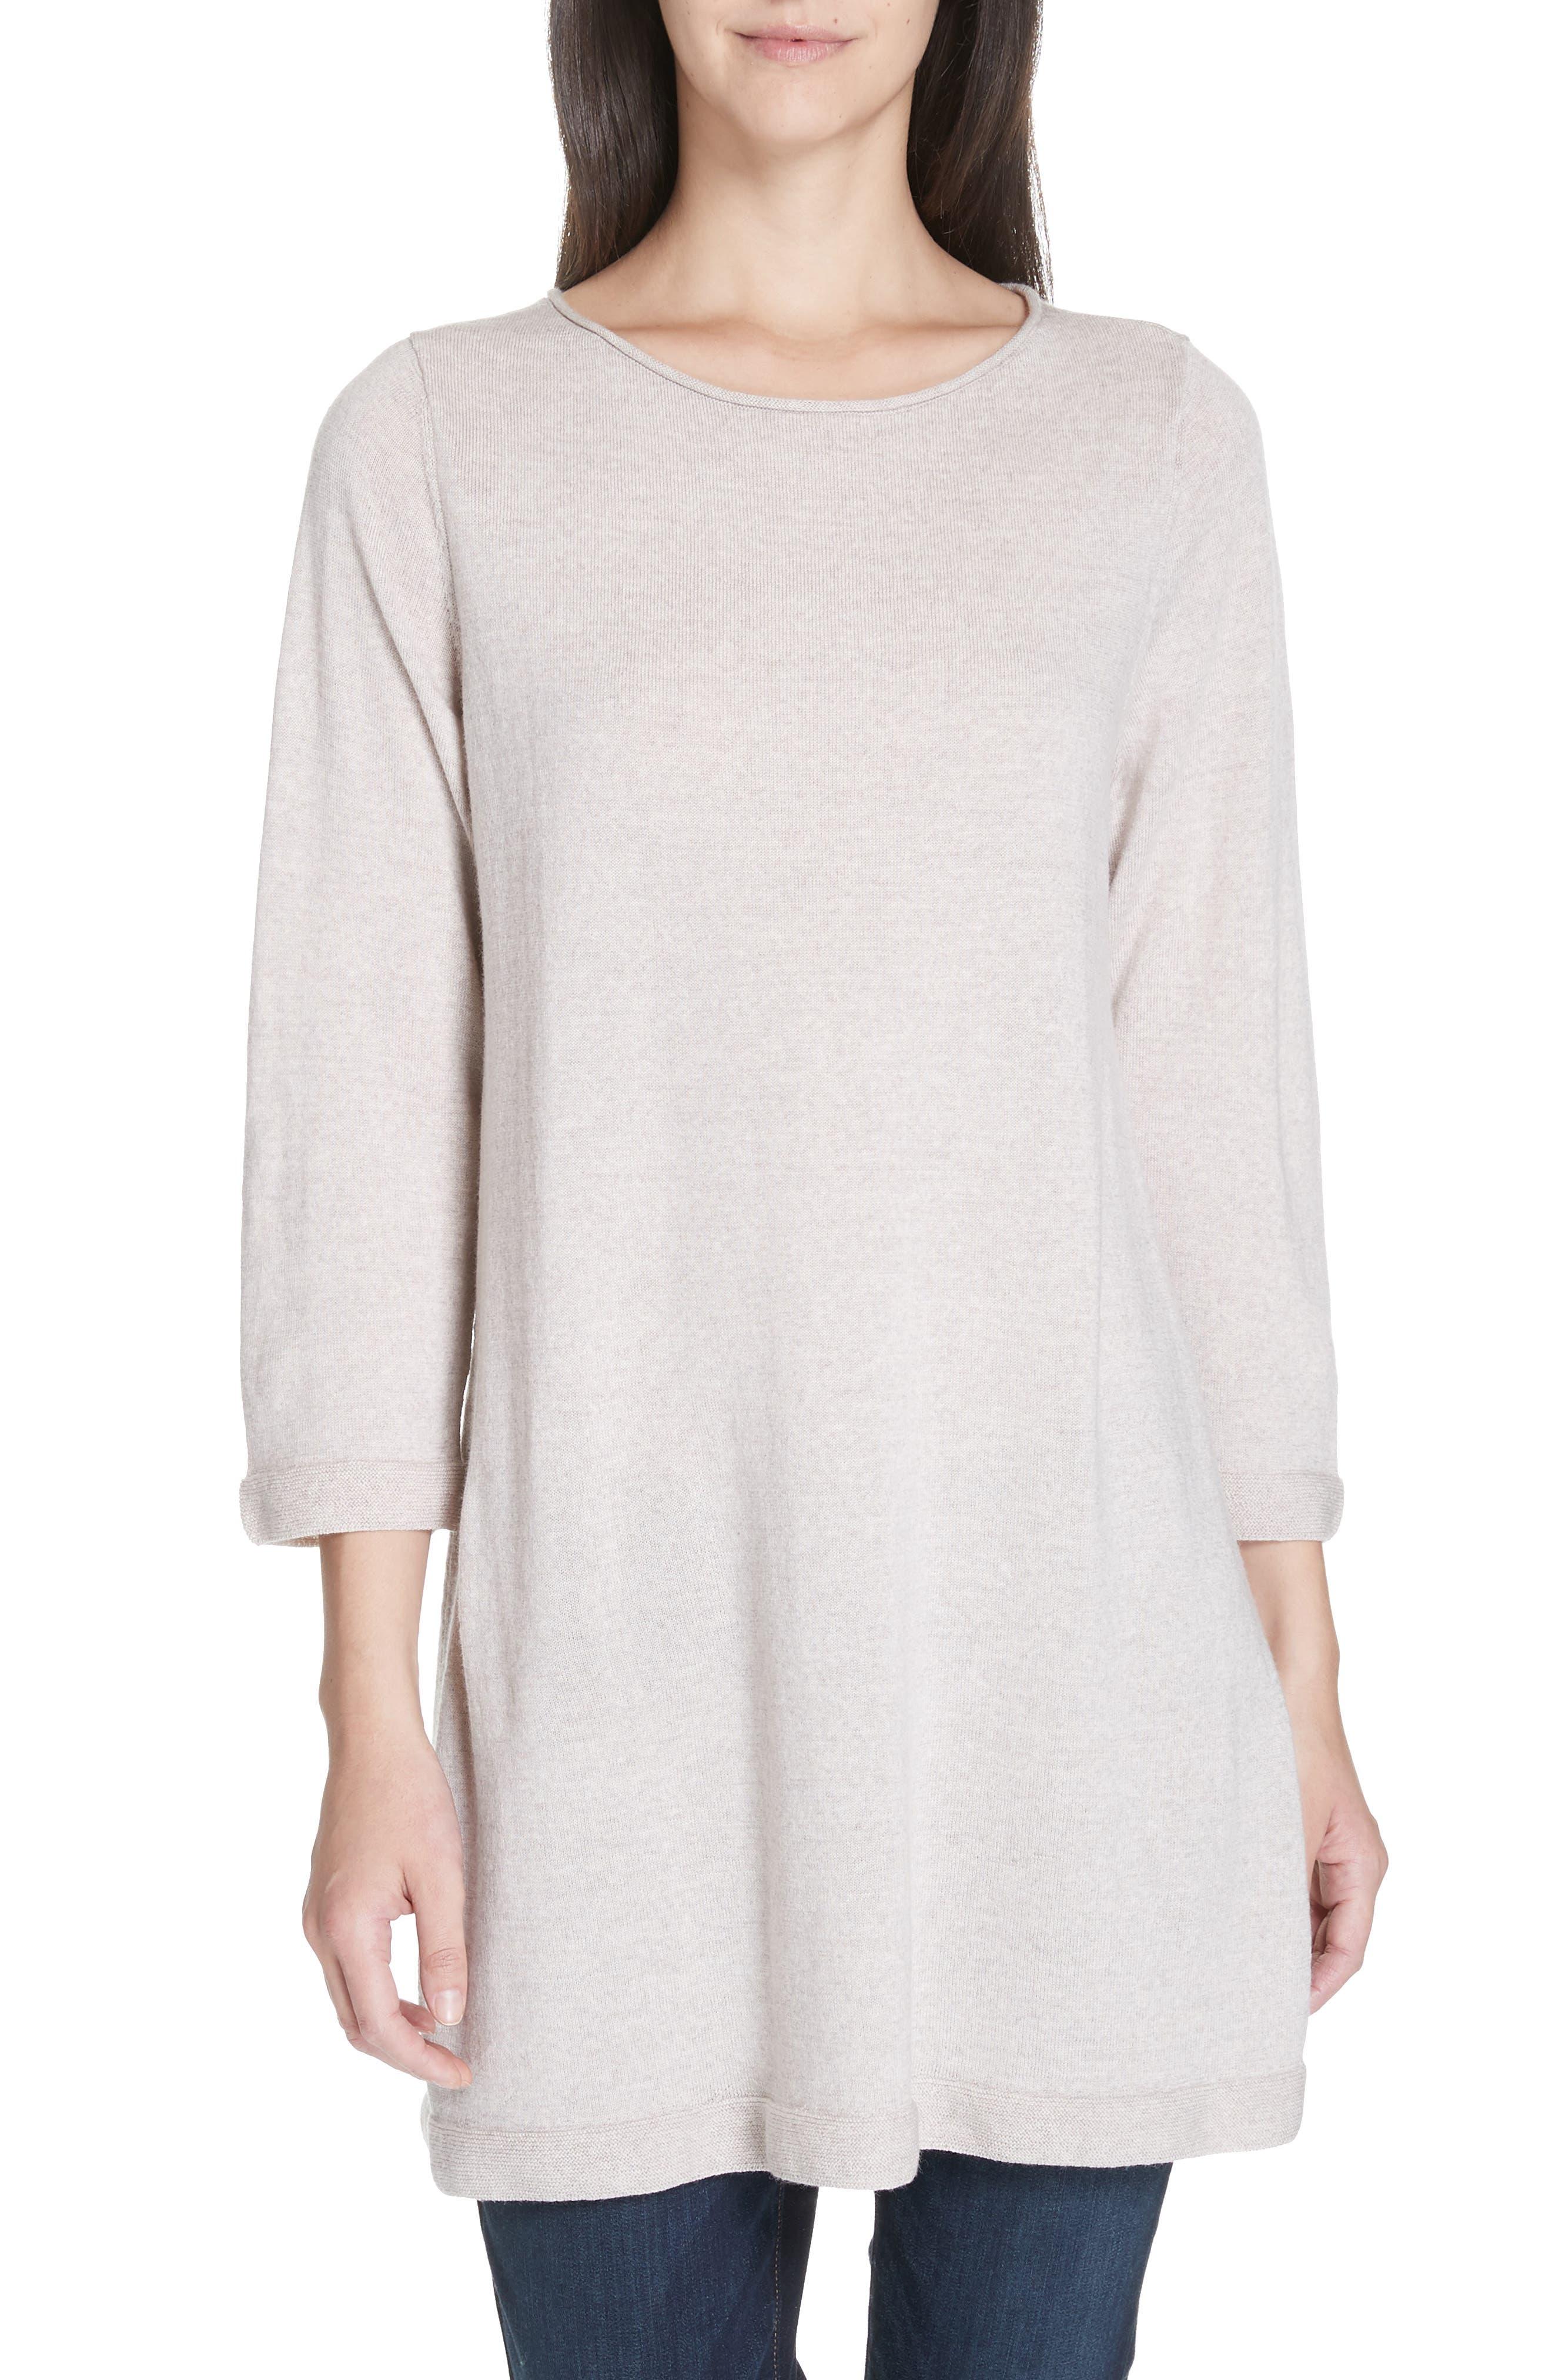 Eileen Fisher Merino Wool Jersey Tunic Sweater, Beige